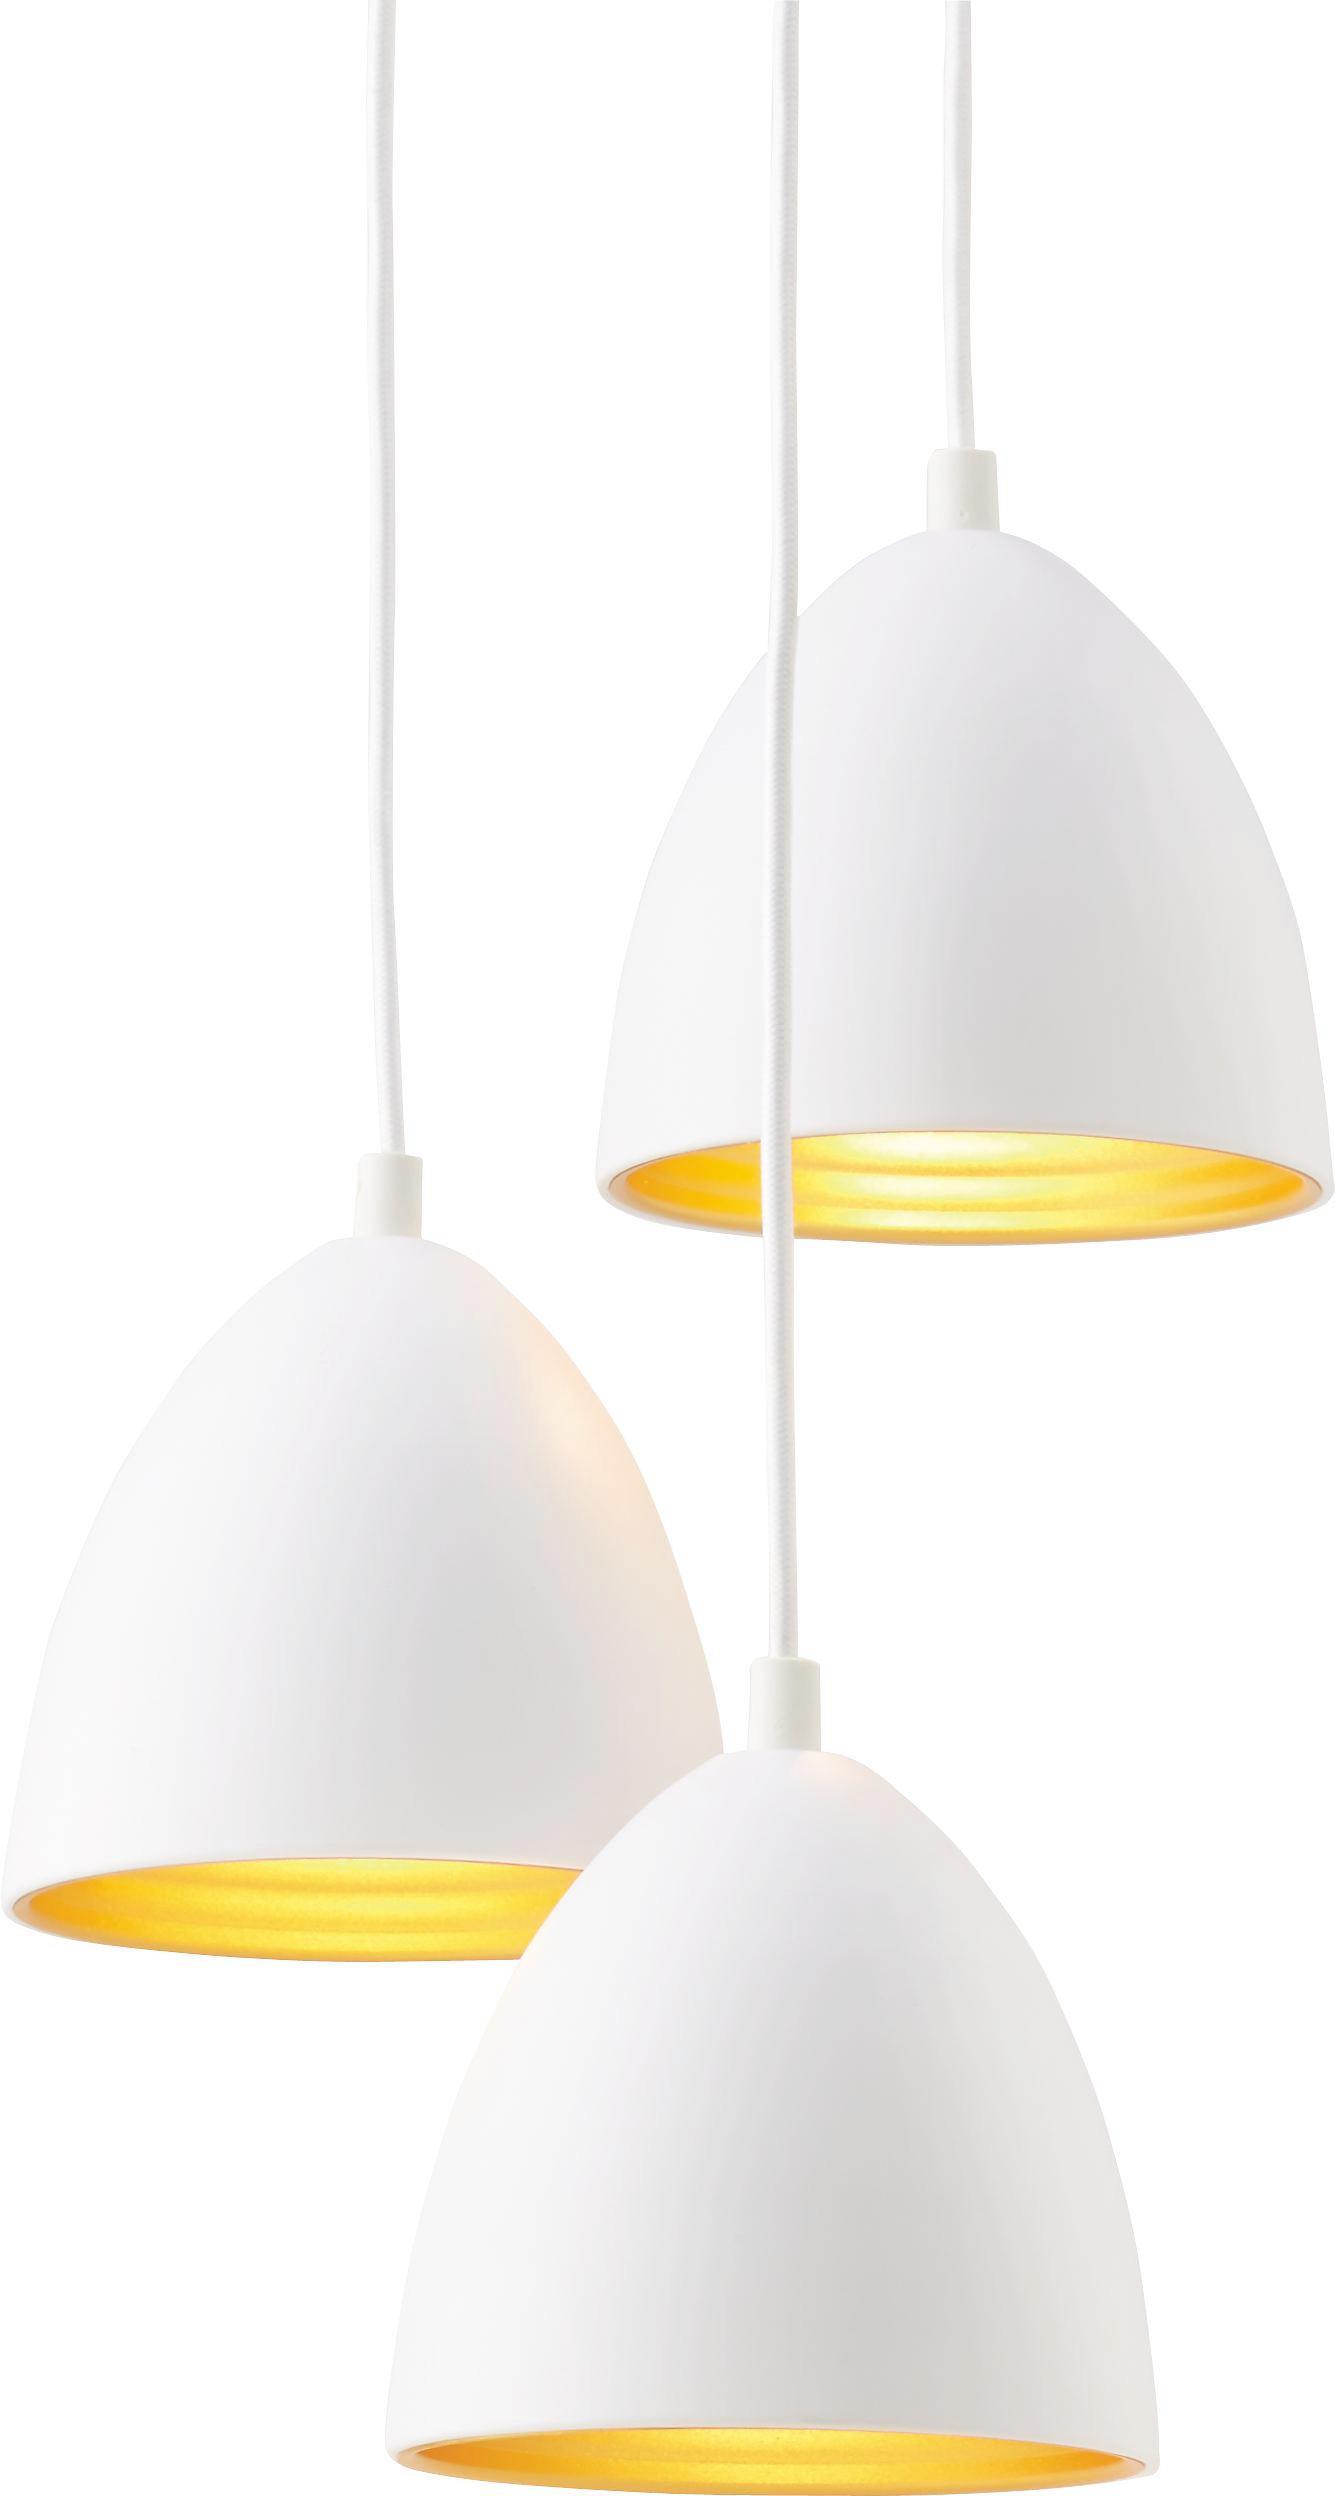 Hängeleuchte Aida - Goldfarben/Weiß, Metall (34/100cm) - PREMIUM LIVING